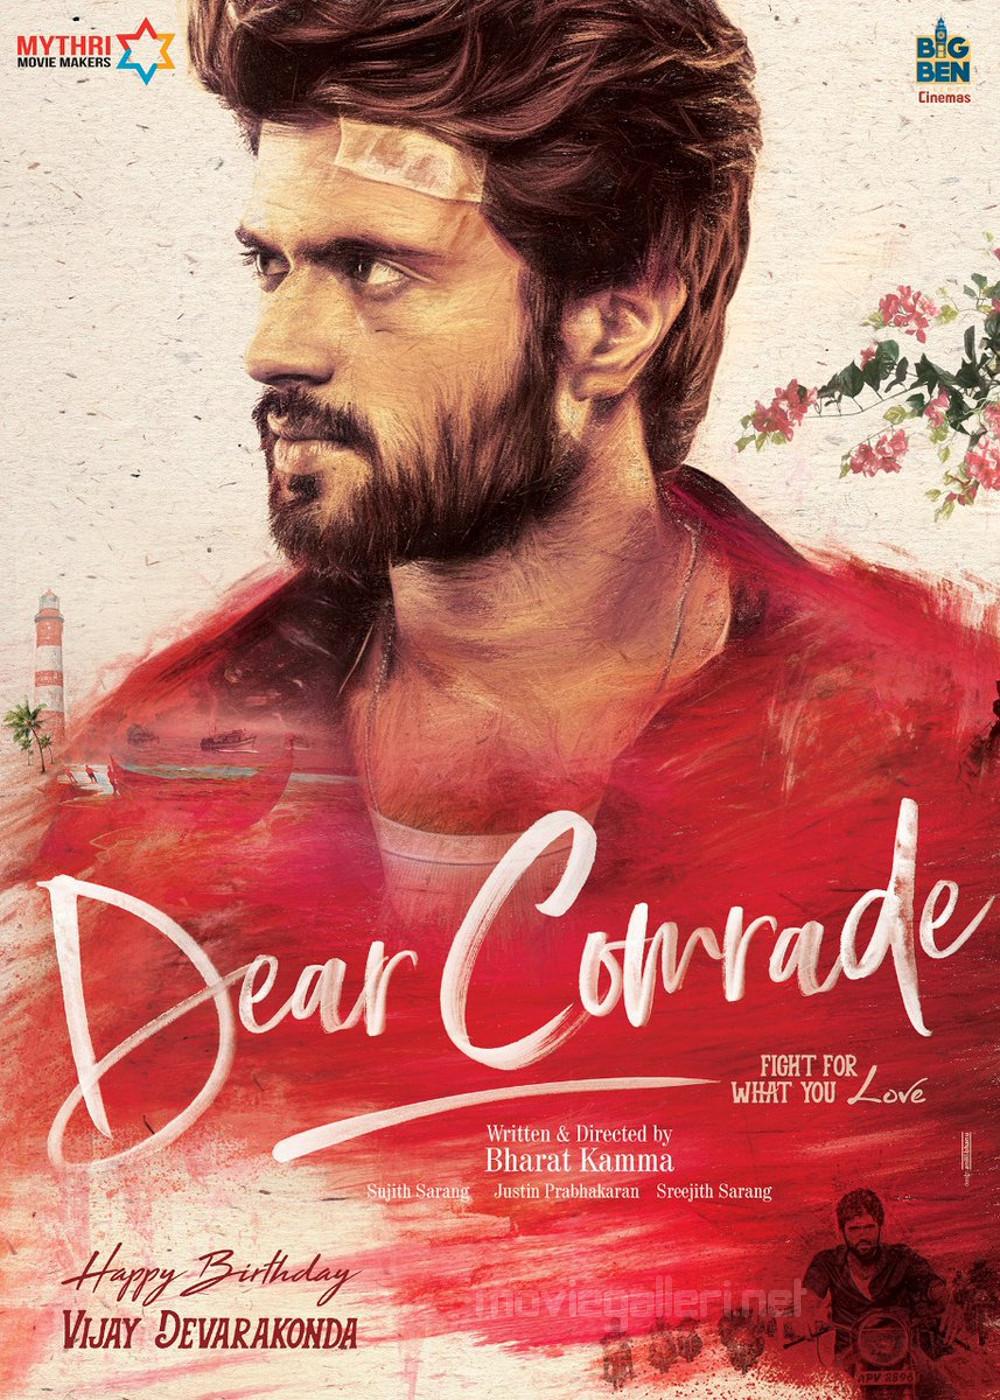 Dear Comrade Vijay Devarakonda Birthday Wishes Poster